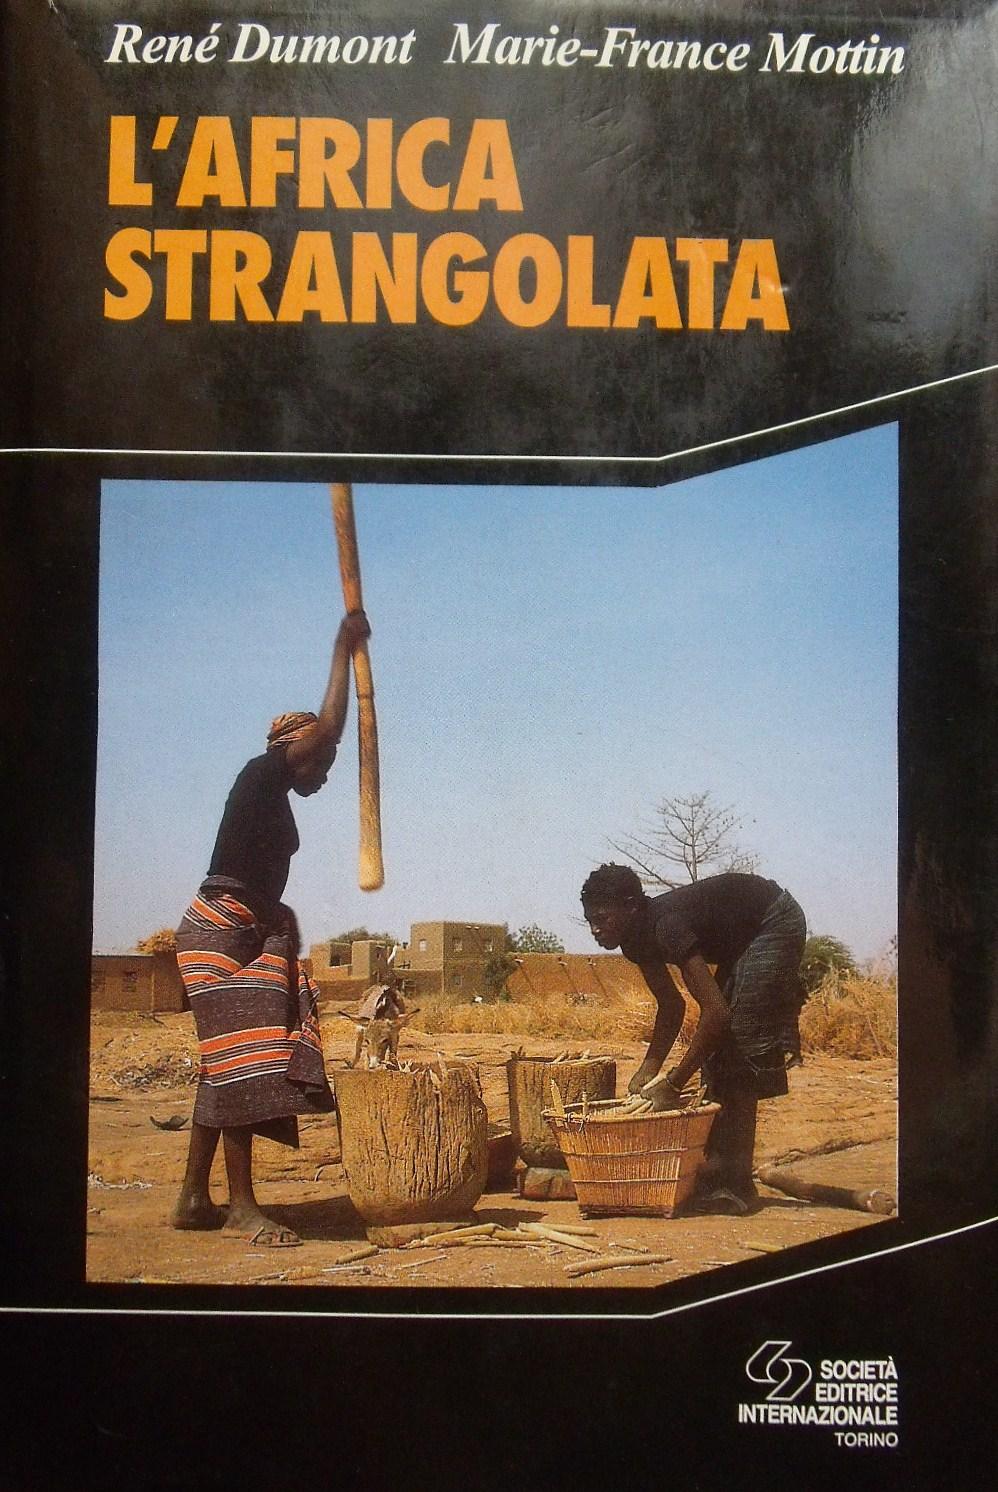 L' Africa strangolata